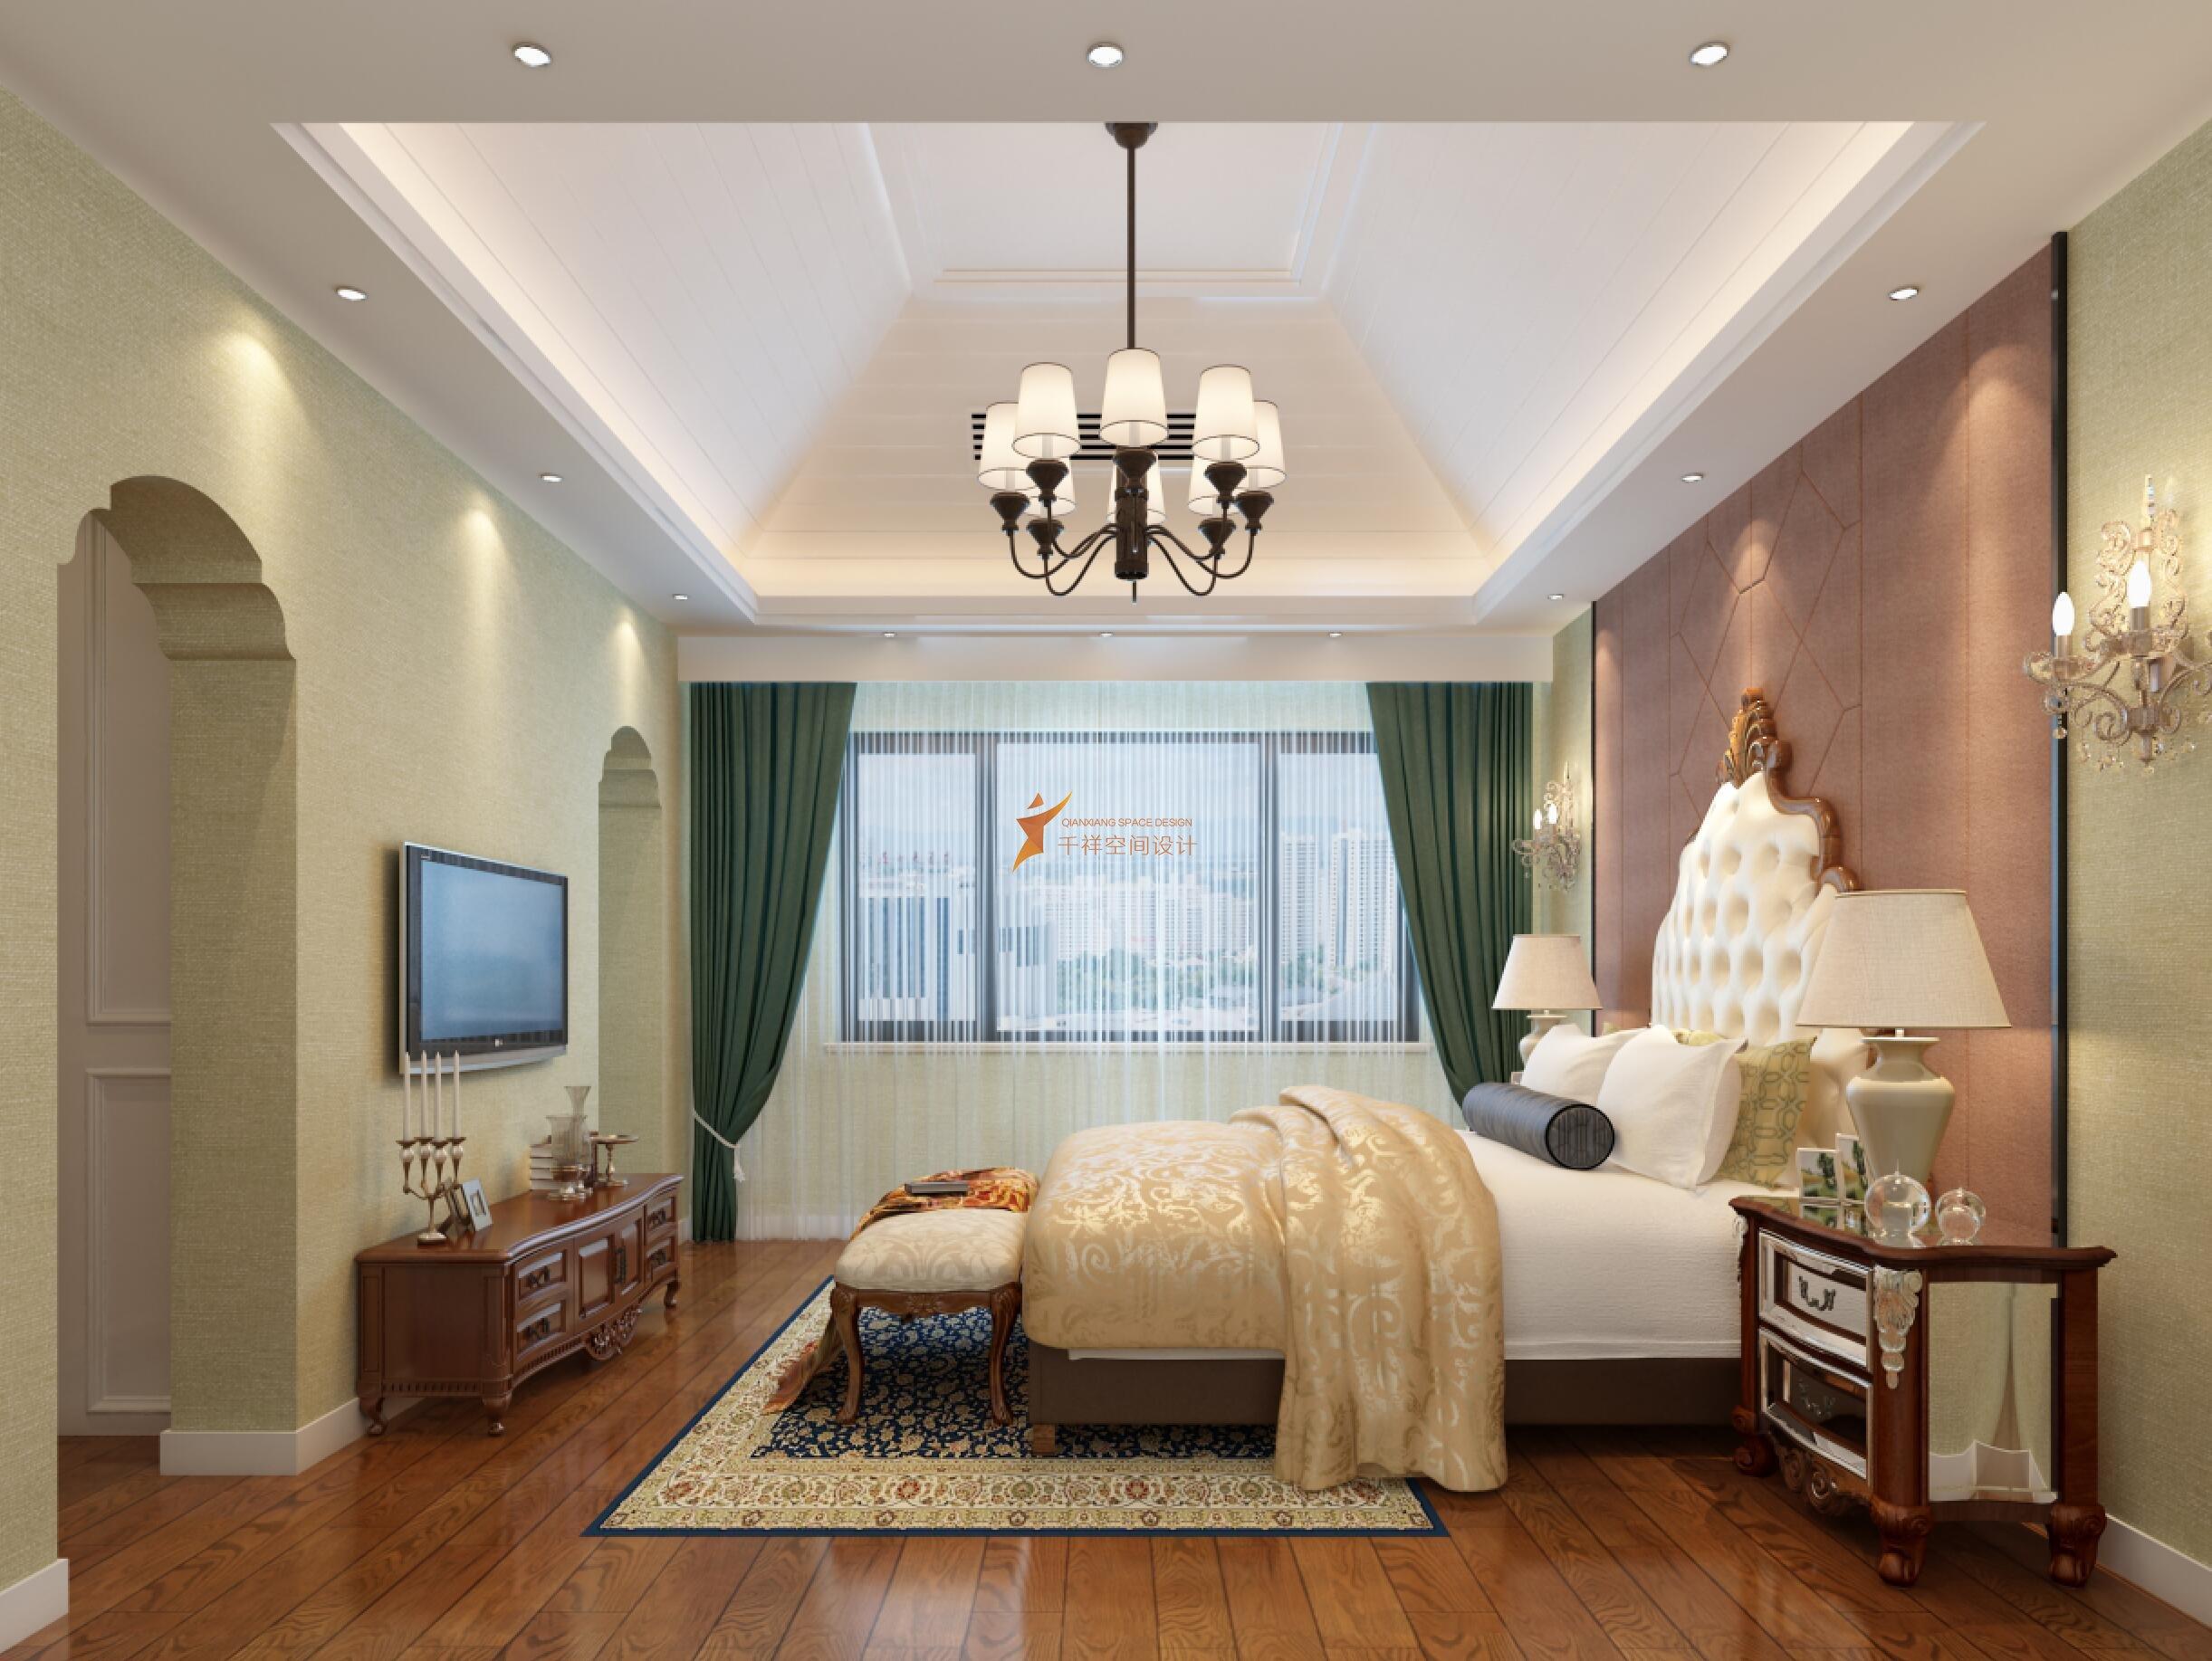 简美风格别墅装修设计-青浦区观庭别墅装修设计主卧室设计效果图-上海